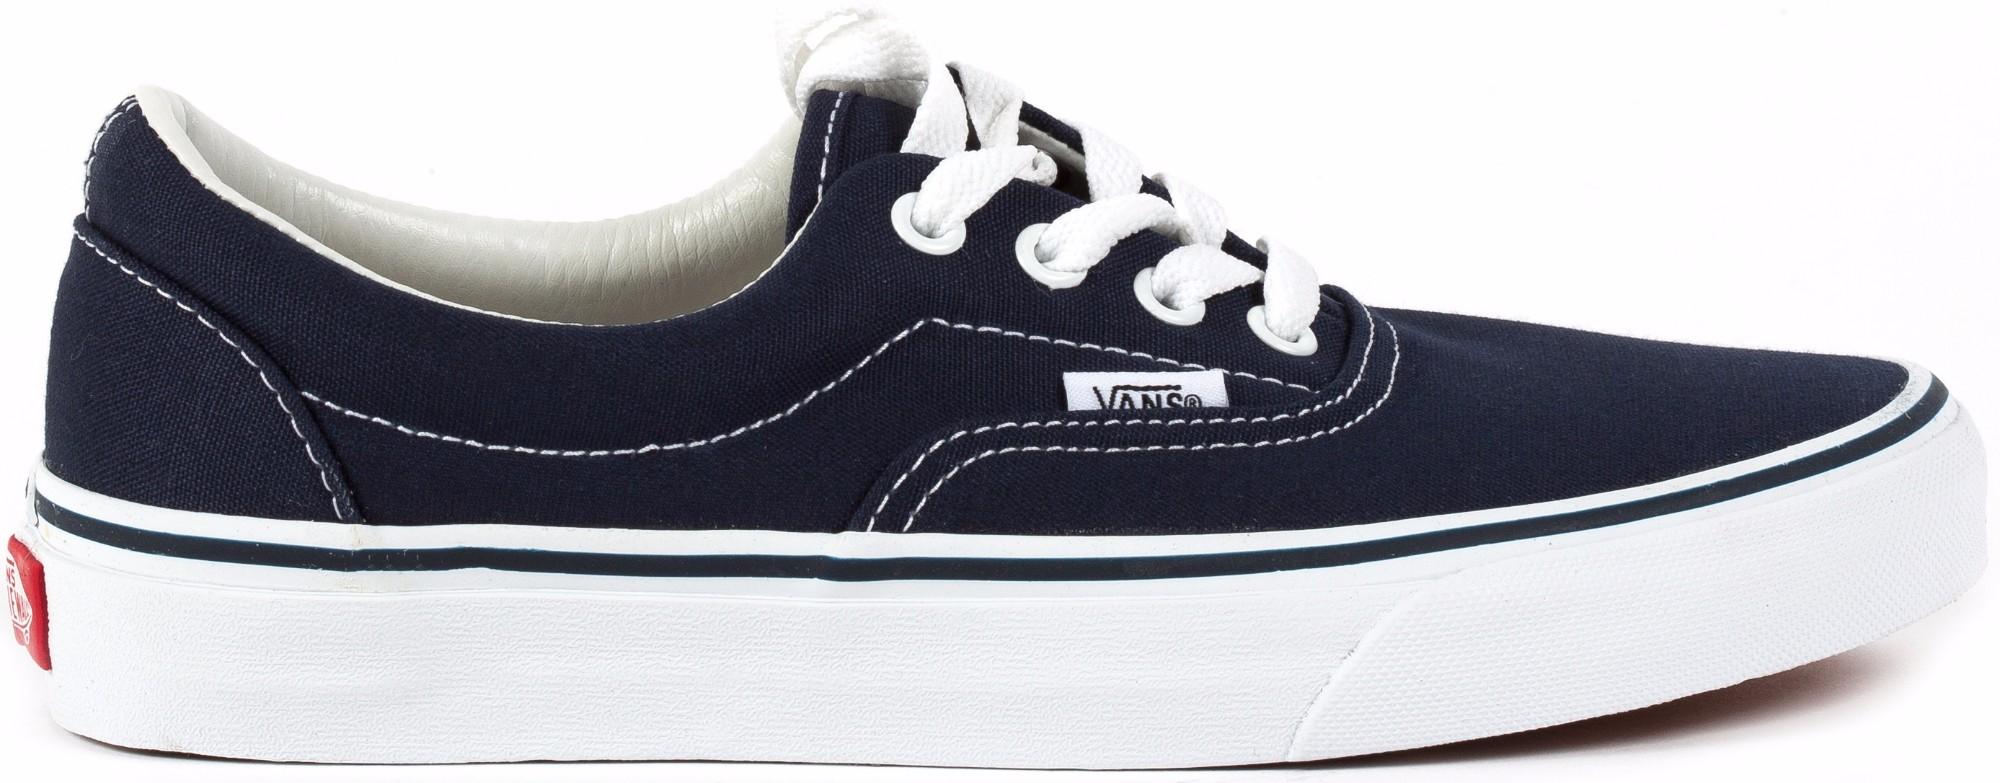 Vans Era Dark blue 44